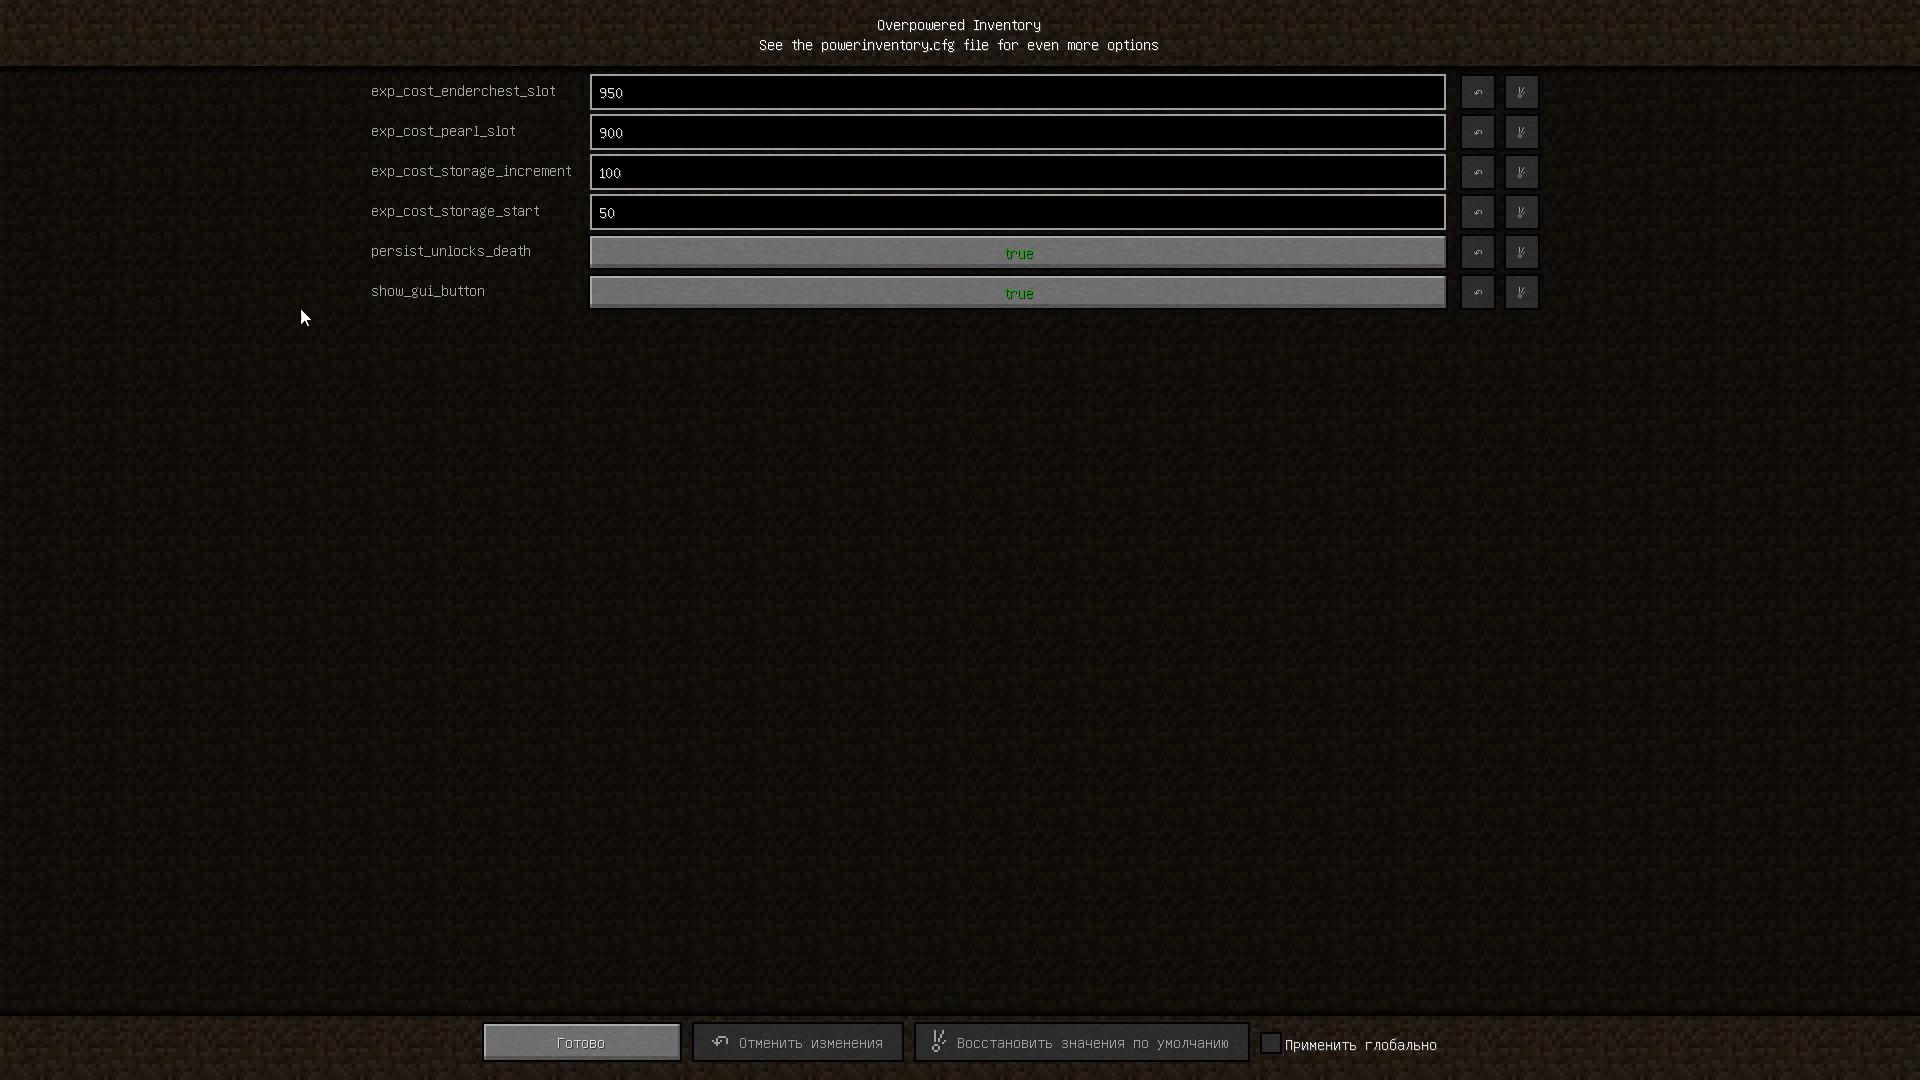 Мод Overpowered Inventory (огромный инвентарь) - скриншот 1